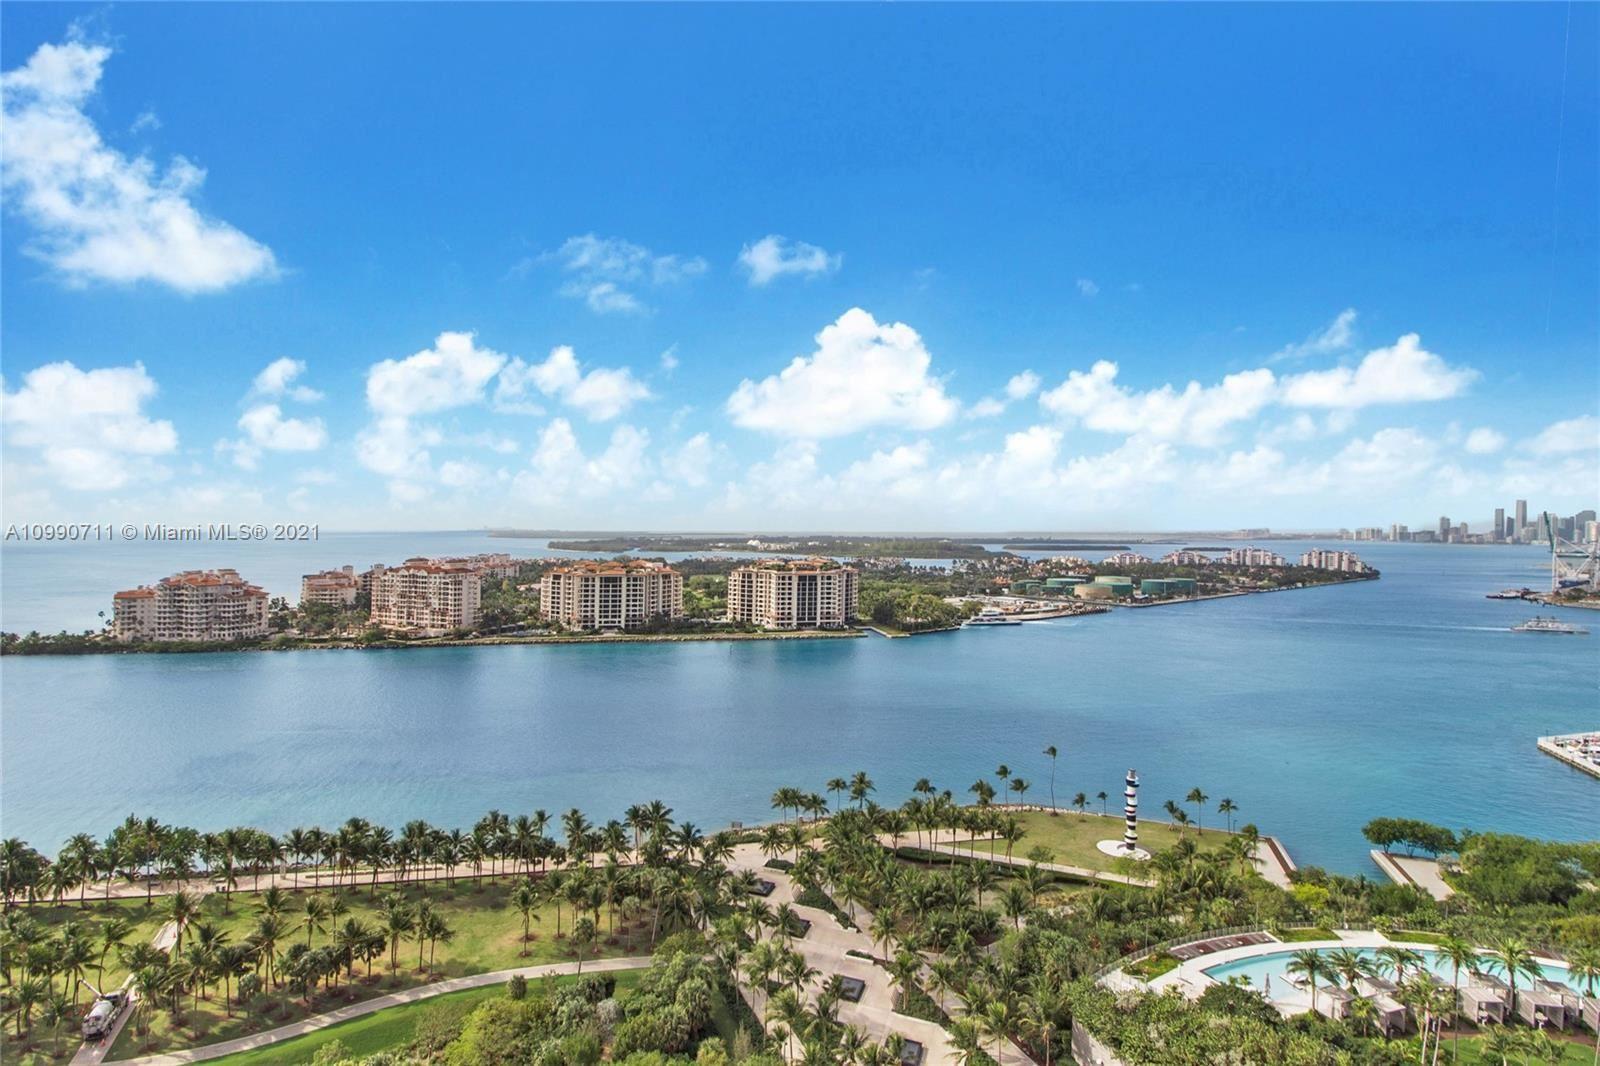 300 S Pointe Dr #2404, Miami Beach, FL 33139 - #: A10990711